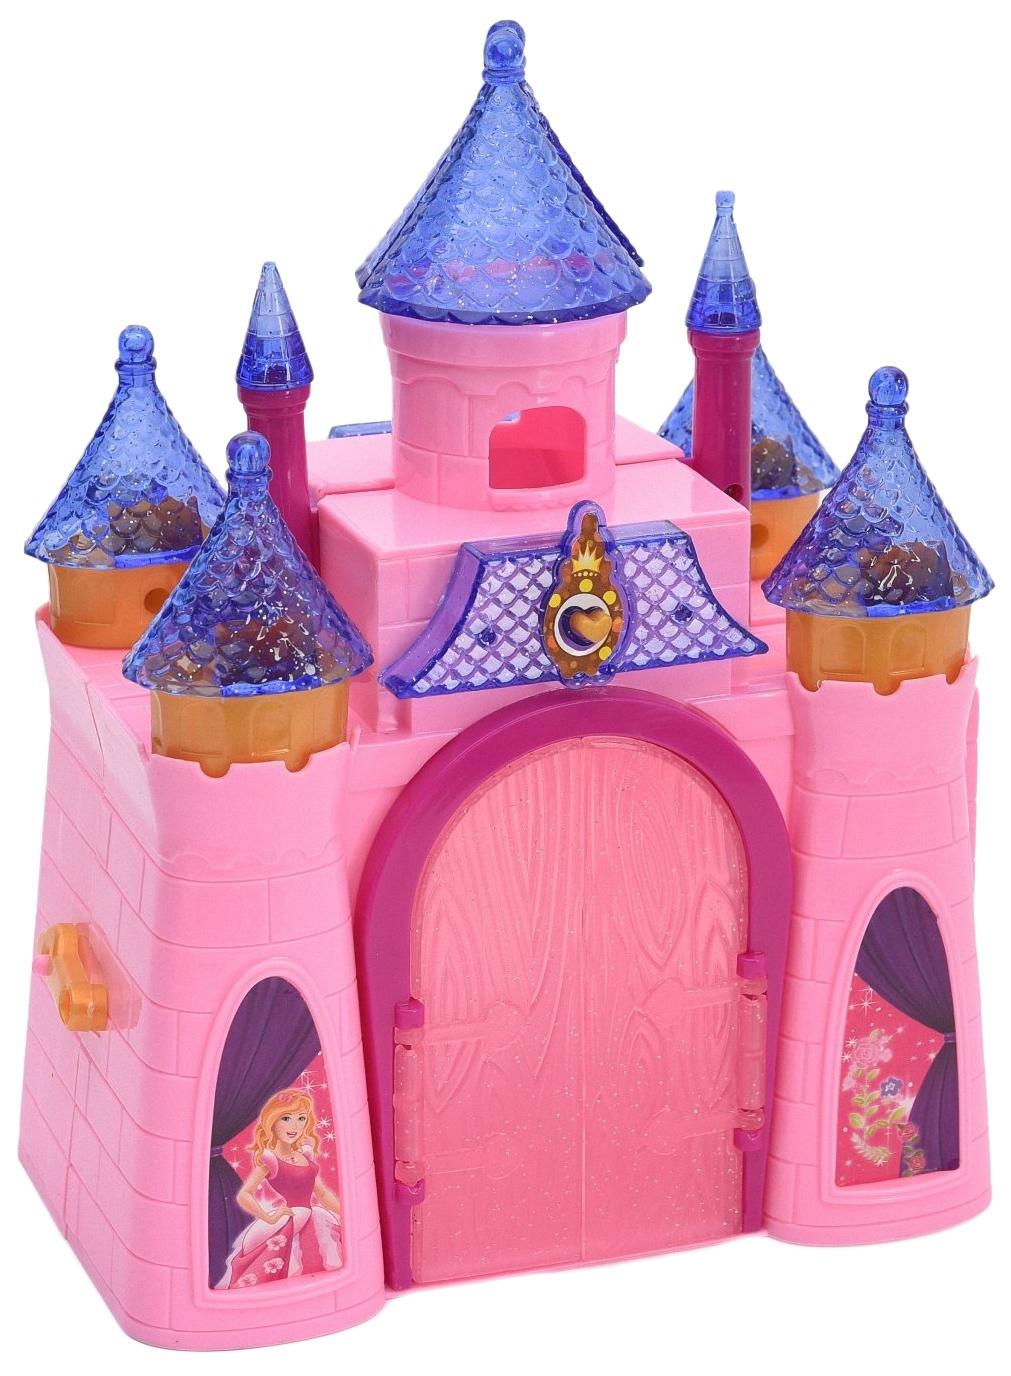 Купить Замок для куклы Dolly Toy королевский дворец, со световыми и звуковыми эффектами, Кукольные домики